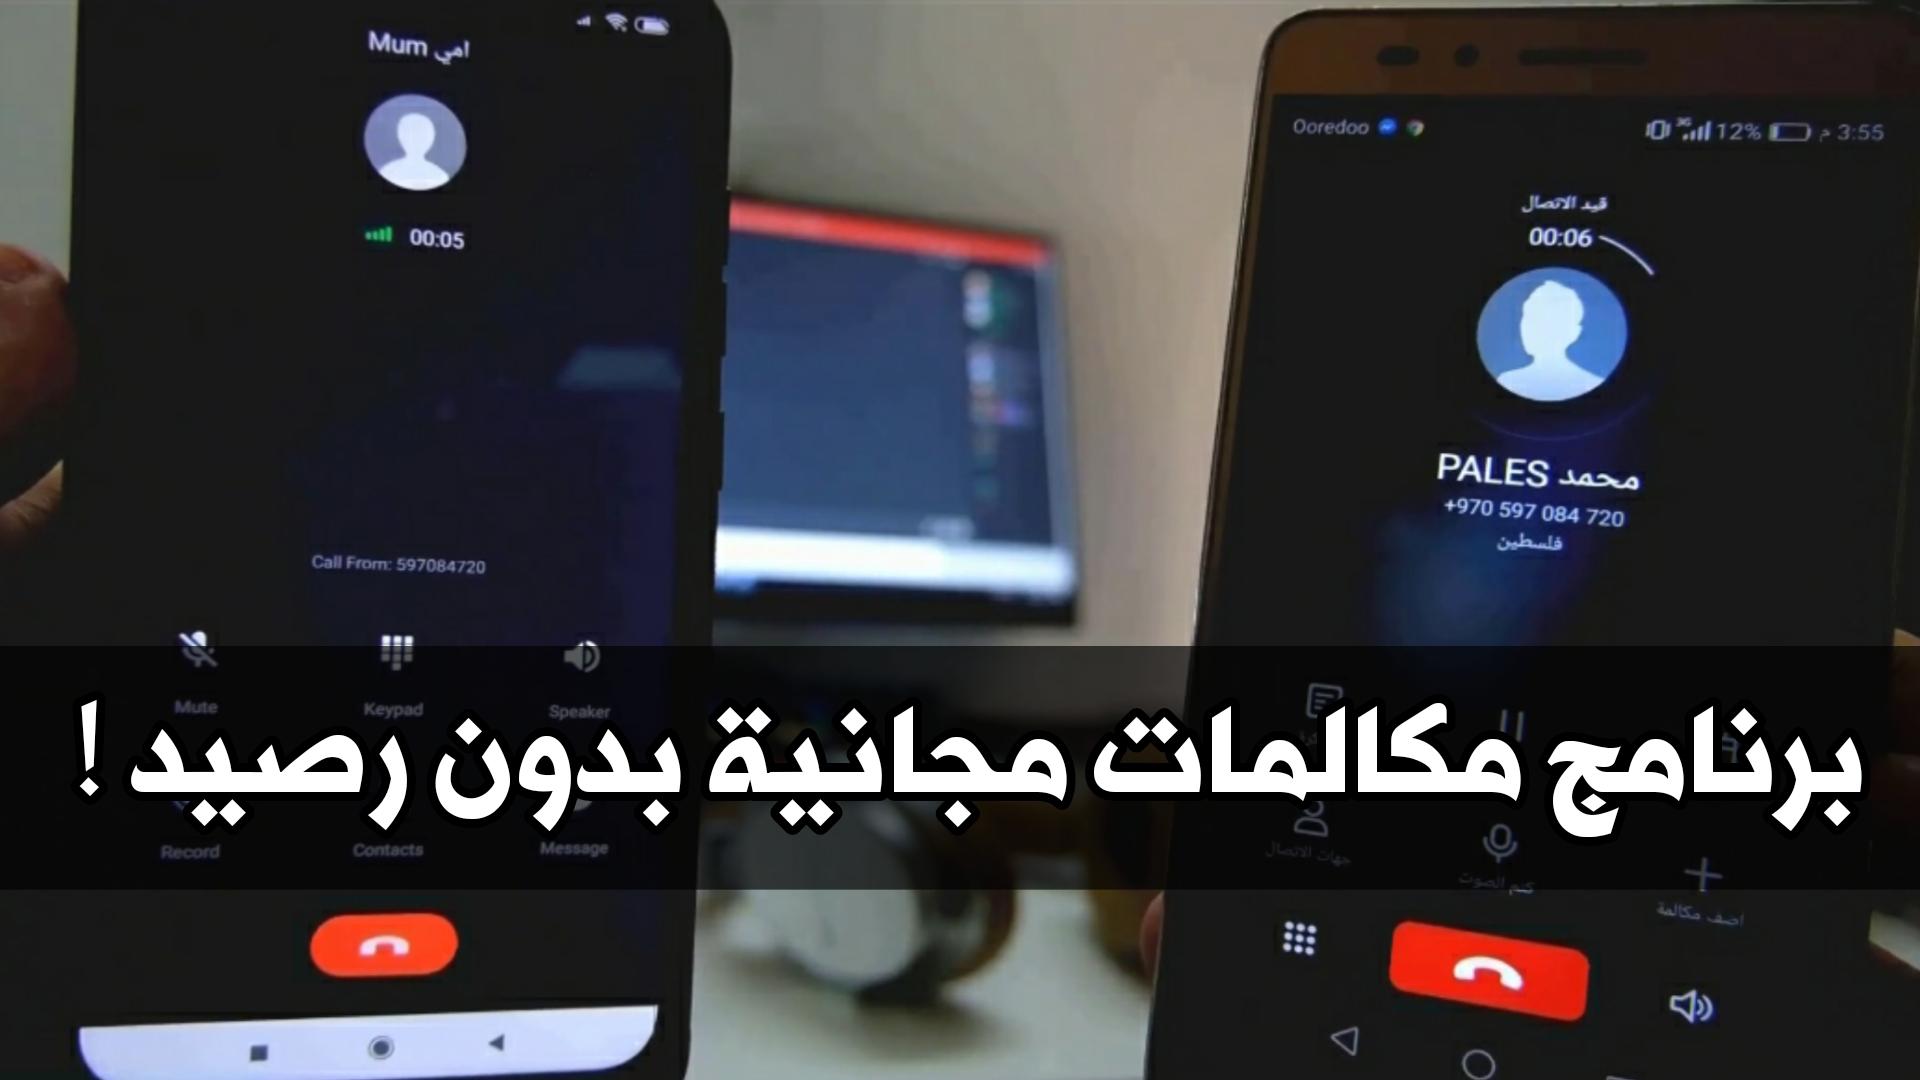 تعرف على برنامج مكالمات مجانية بدون رصيد ! لجميع الخطوط ولكل الشبكات !